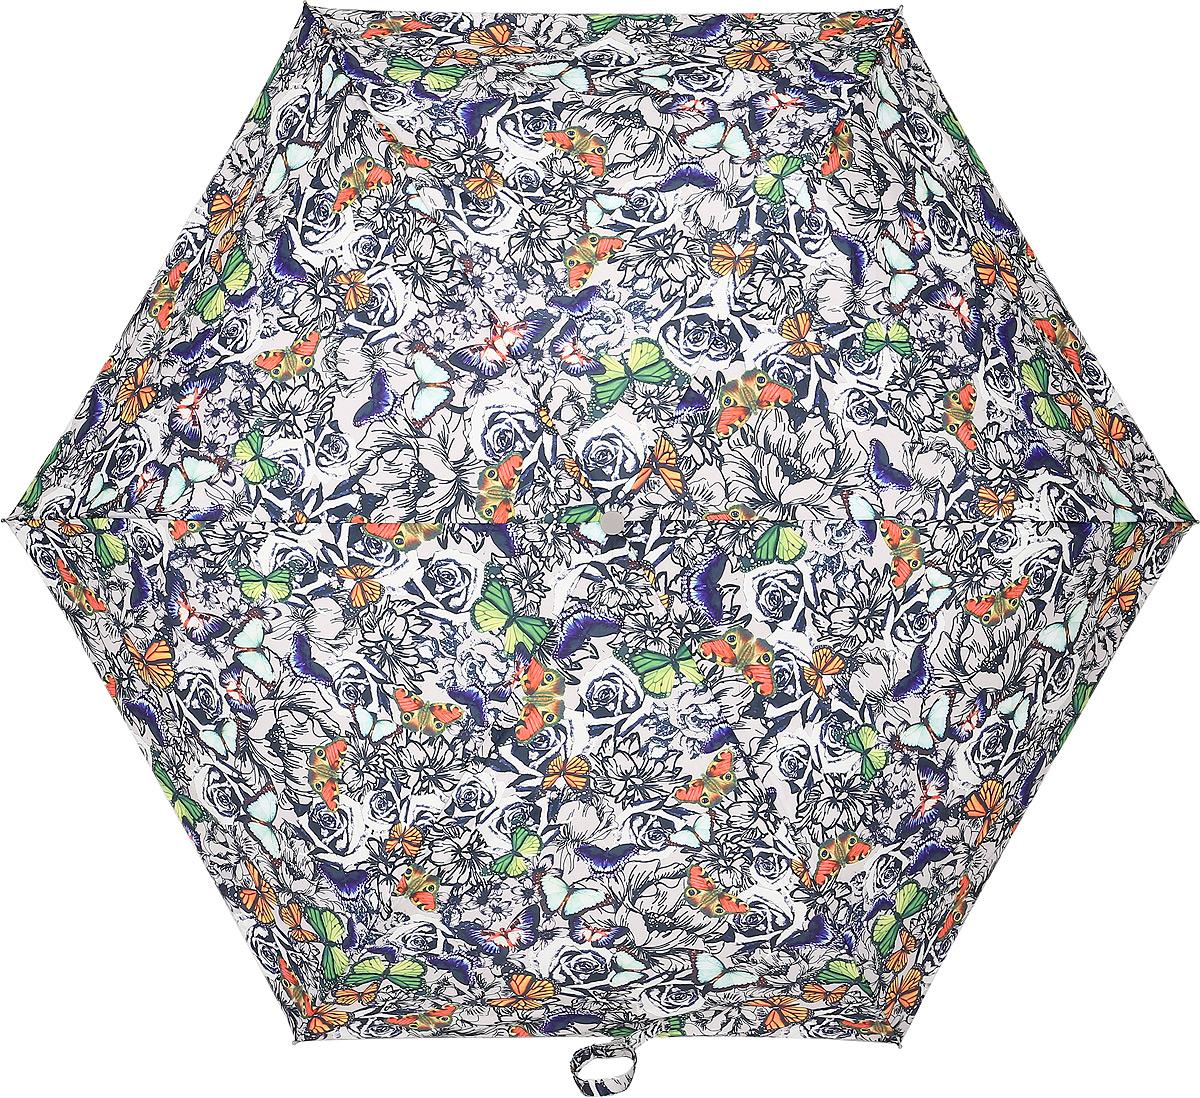 Зонт женский Fulton, механический, 3 сложения, цвет: мультиколор. L553-3285REM12-CAM-GREENBLACKСтильный механический зонт Fulton имеет 3 сложения, даже в ненастную погоду позволит вам оставаться стильной. Легкий, но в тоже время прочный алюминиевый каркас состоит из шестиспиц с элементами из фибергласса. Купол зонта выполнен из прочного полиэстера с водоотталкивающей пропиткой. Рукоятка закругленной формы, разработанная с учетом требований эргономики, выполнена из каучука. Зонт имеет механический способ сложения: и купол, и стержень открываются и закрываются вручную до характерного щелчка.